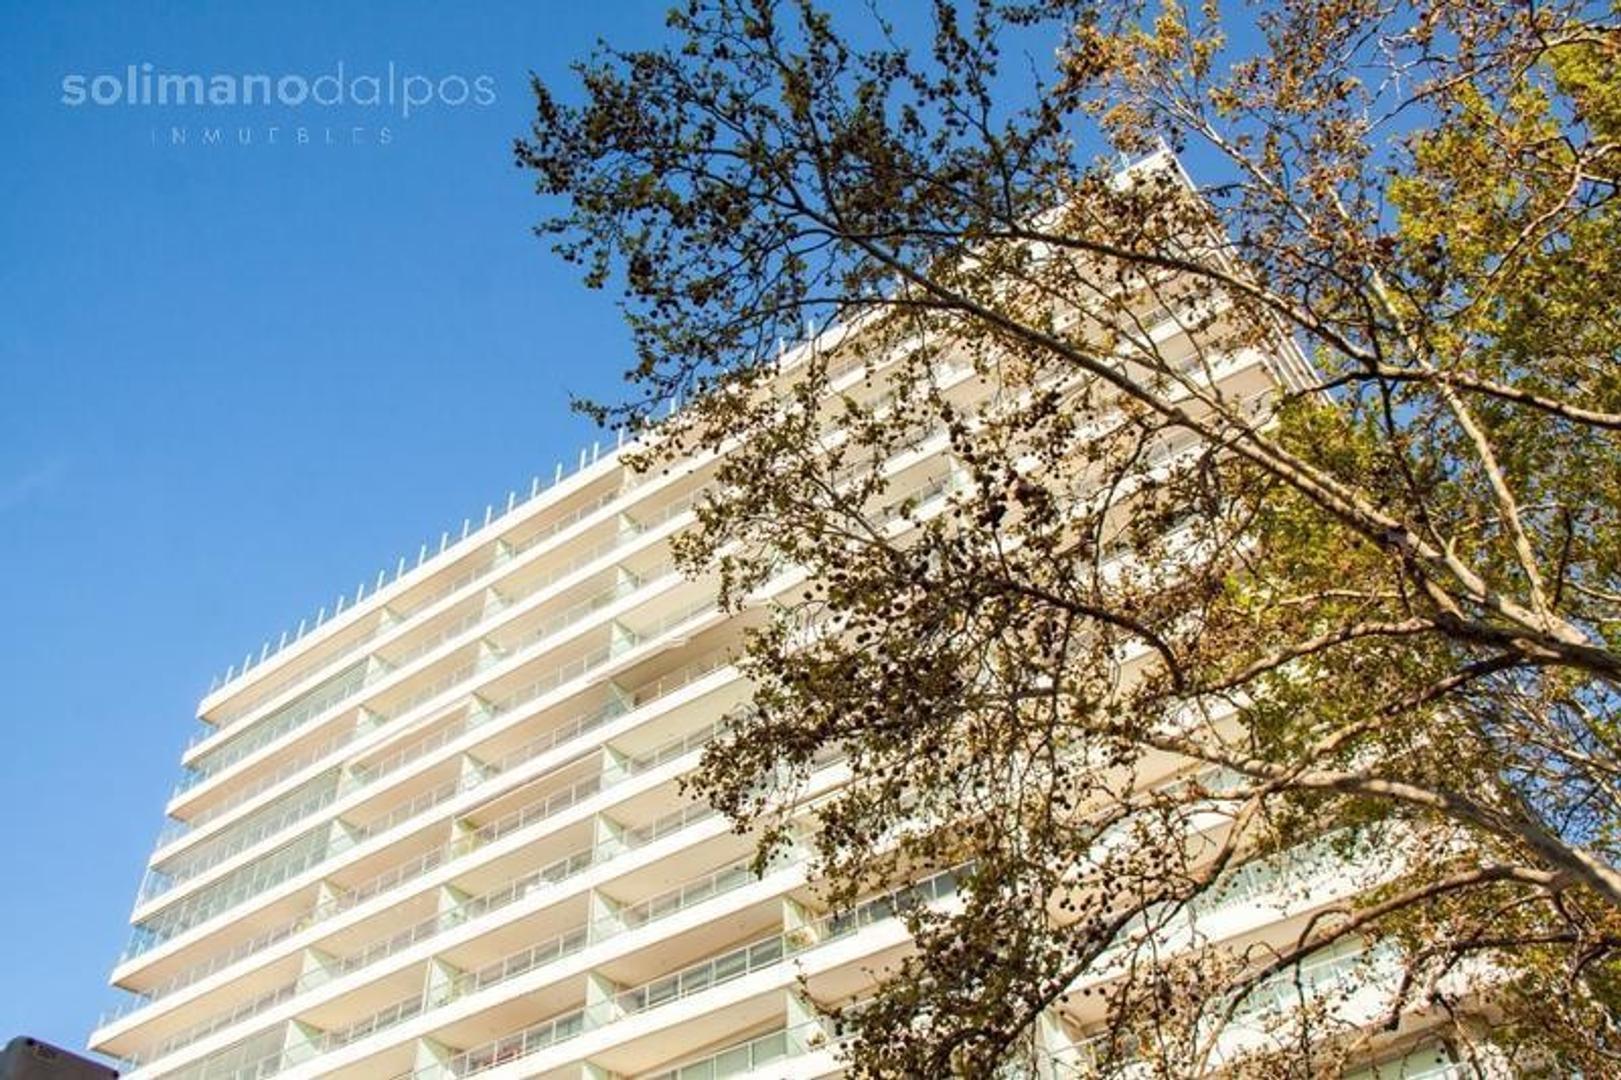 Departamento en Venta - 2 ambientes - USD 235.000